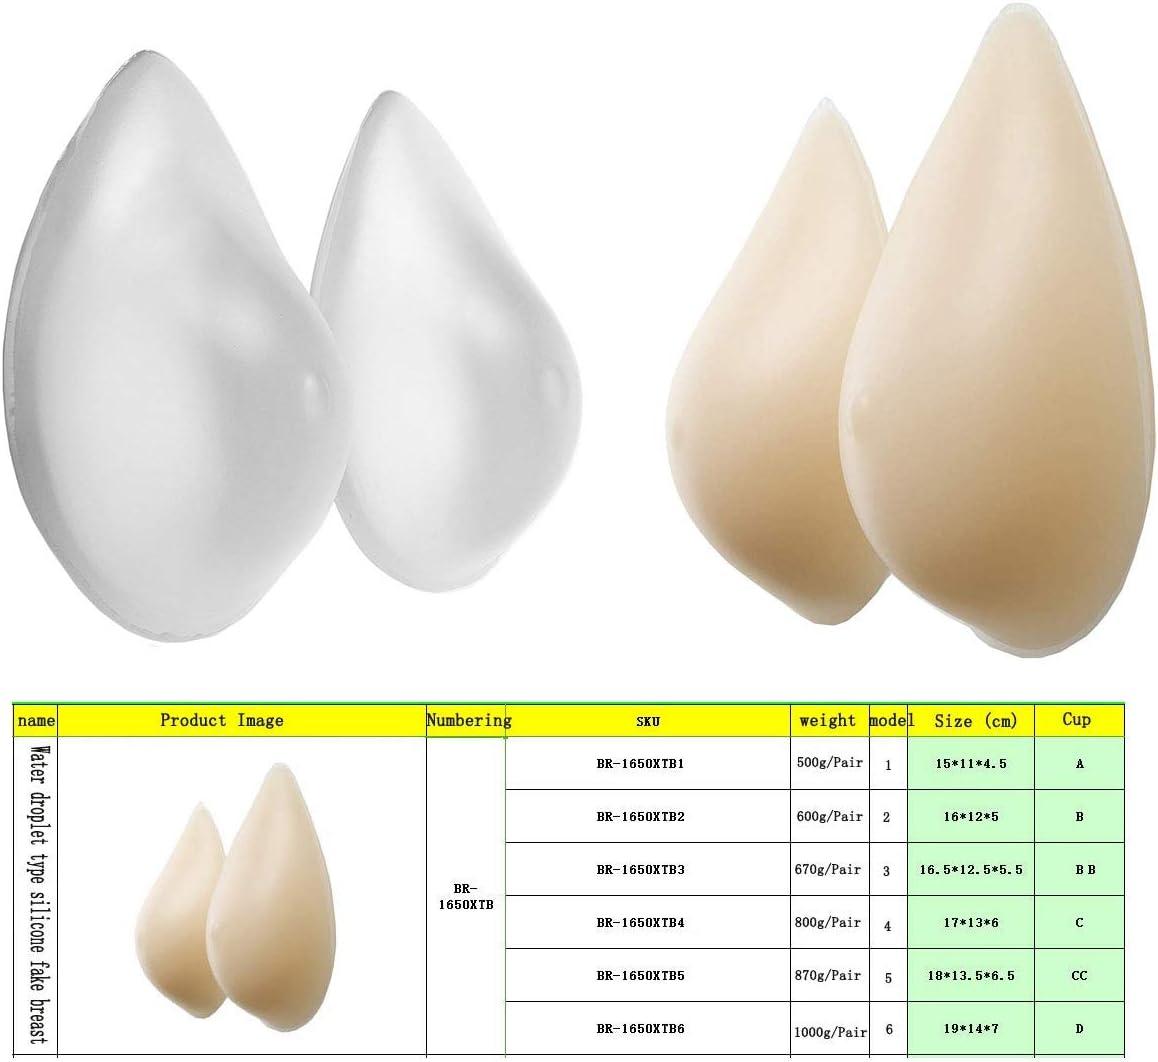 Brustformen verschiedene Verschiedene Arten